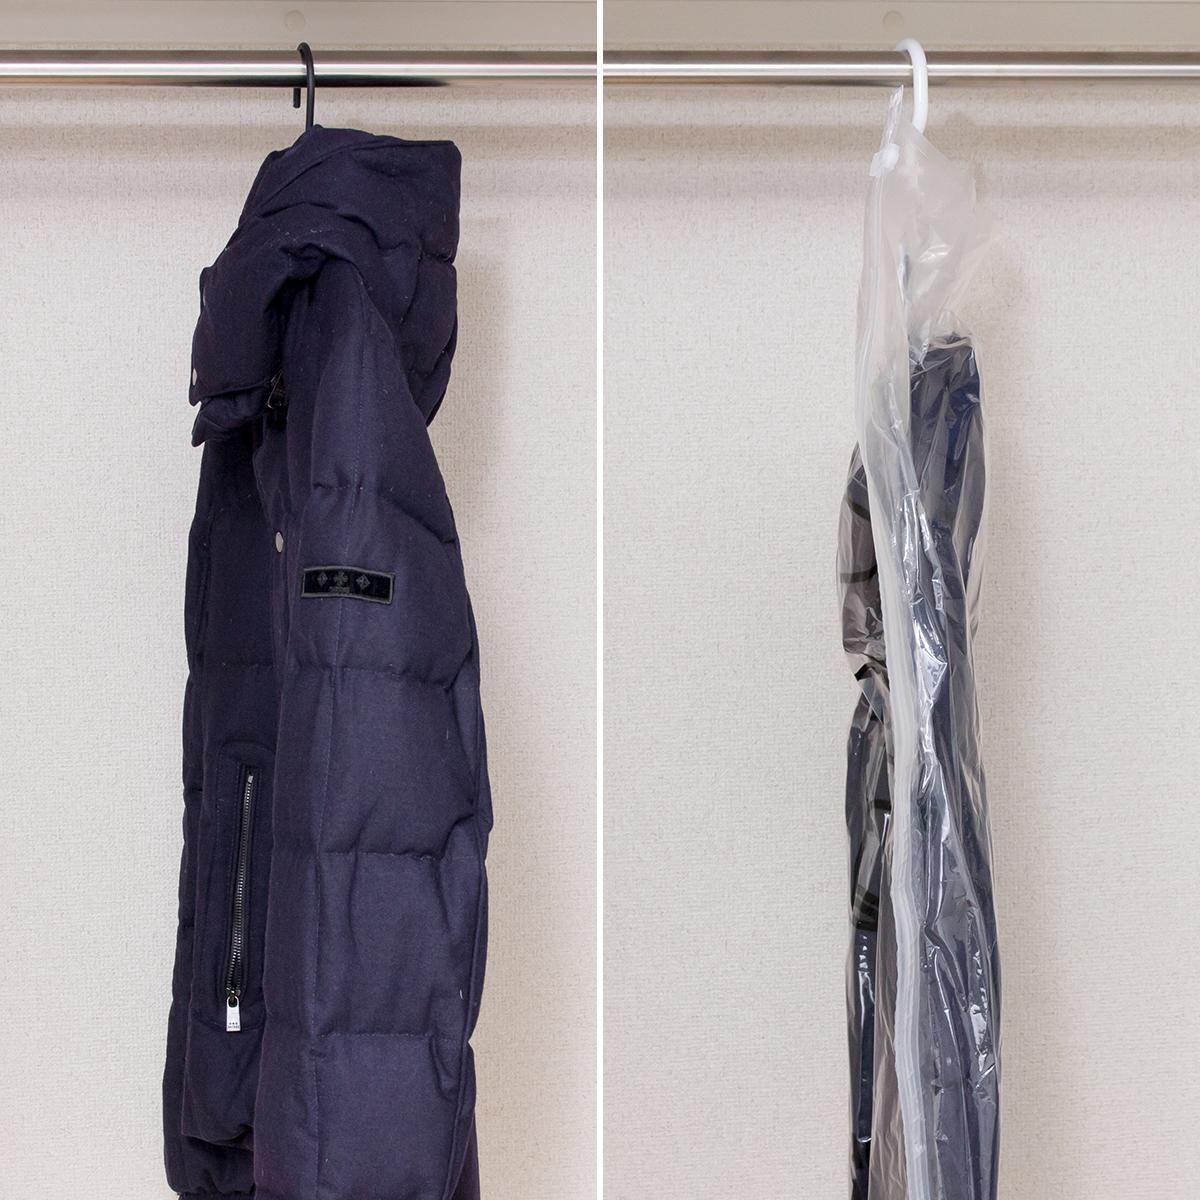 クローゼットの収納スペースを最大限に活かせる、ハンガーごと収納OK、シワ・型崩れ知らずの衣類圧縮バッグvacuum seal hanging bag